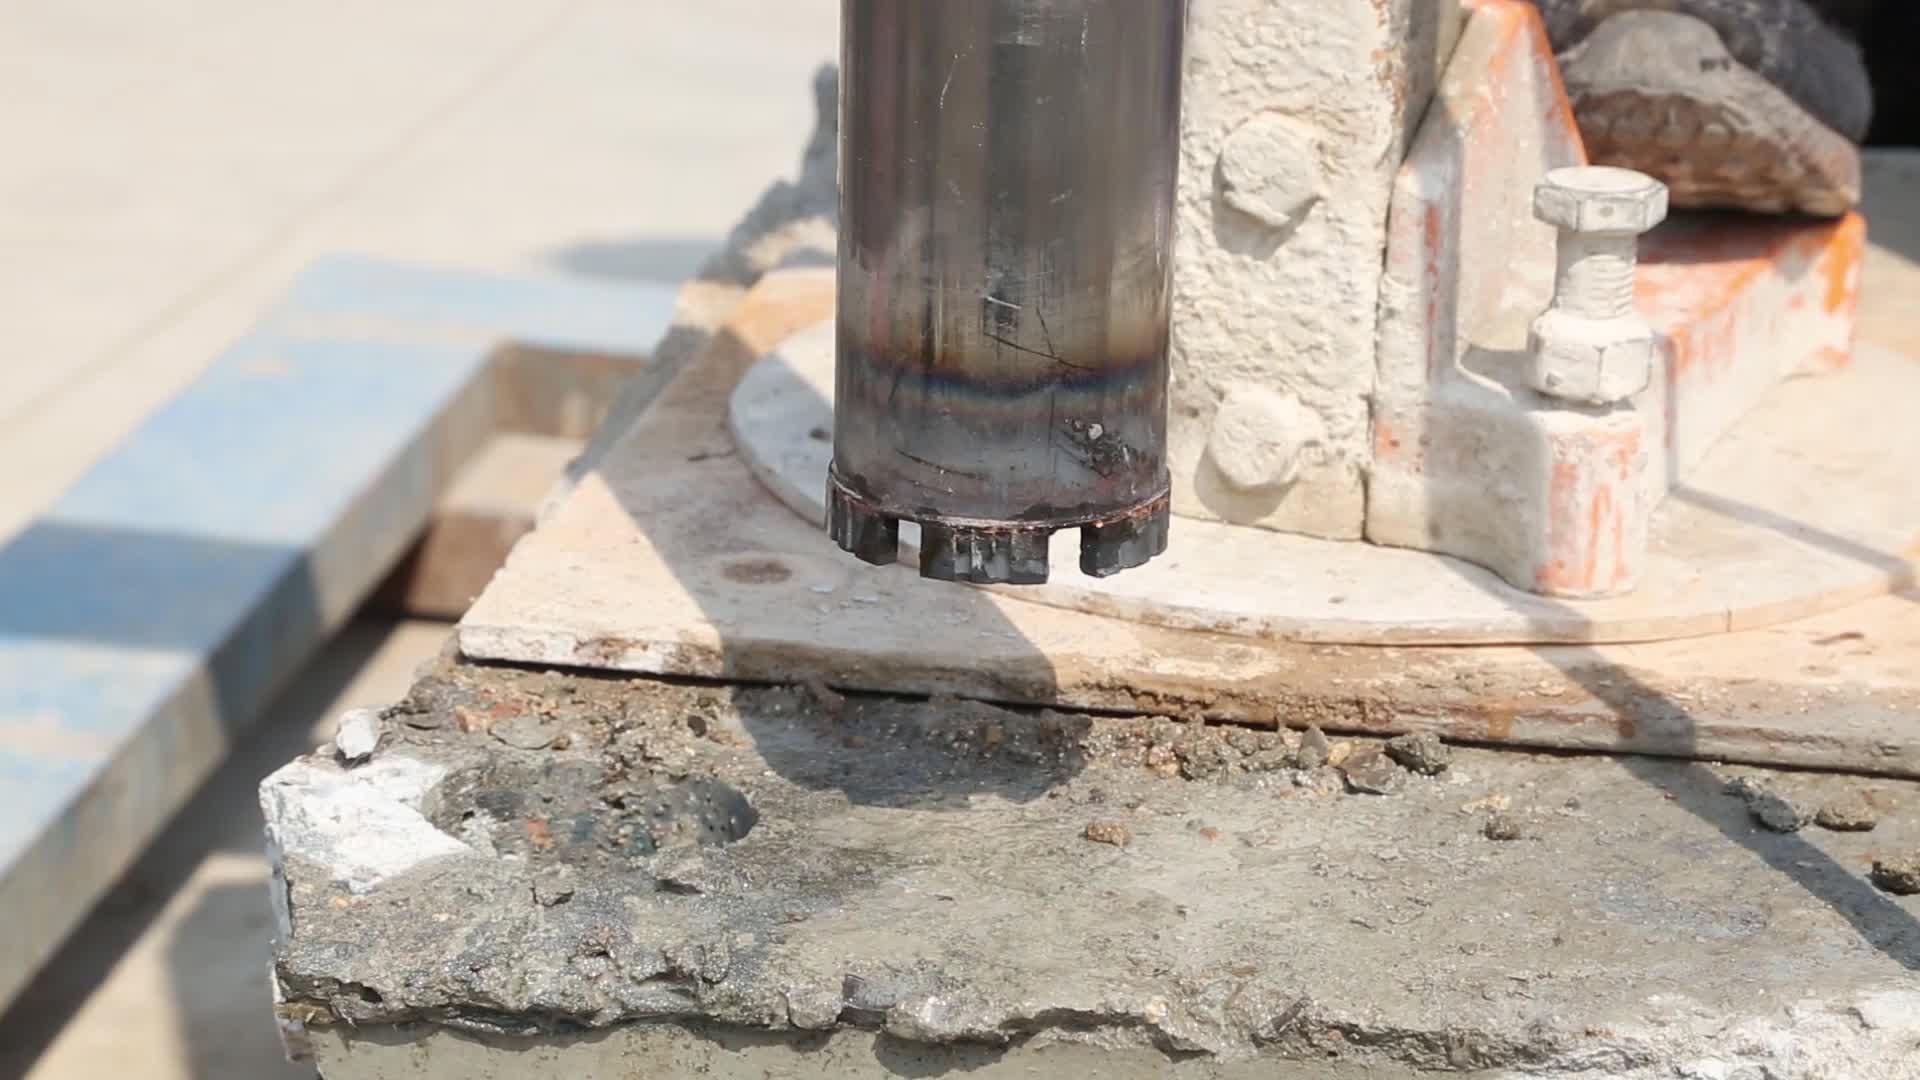 1 1/4 UNC ダイヤモンドコアドリルビット高品質コンクリートウェット掘削ビット